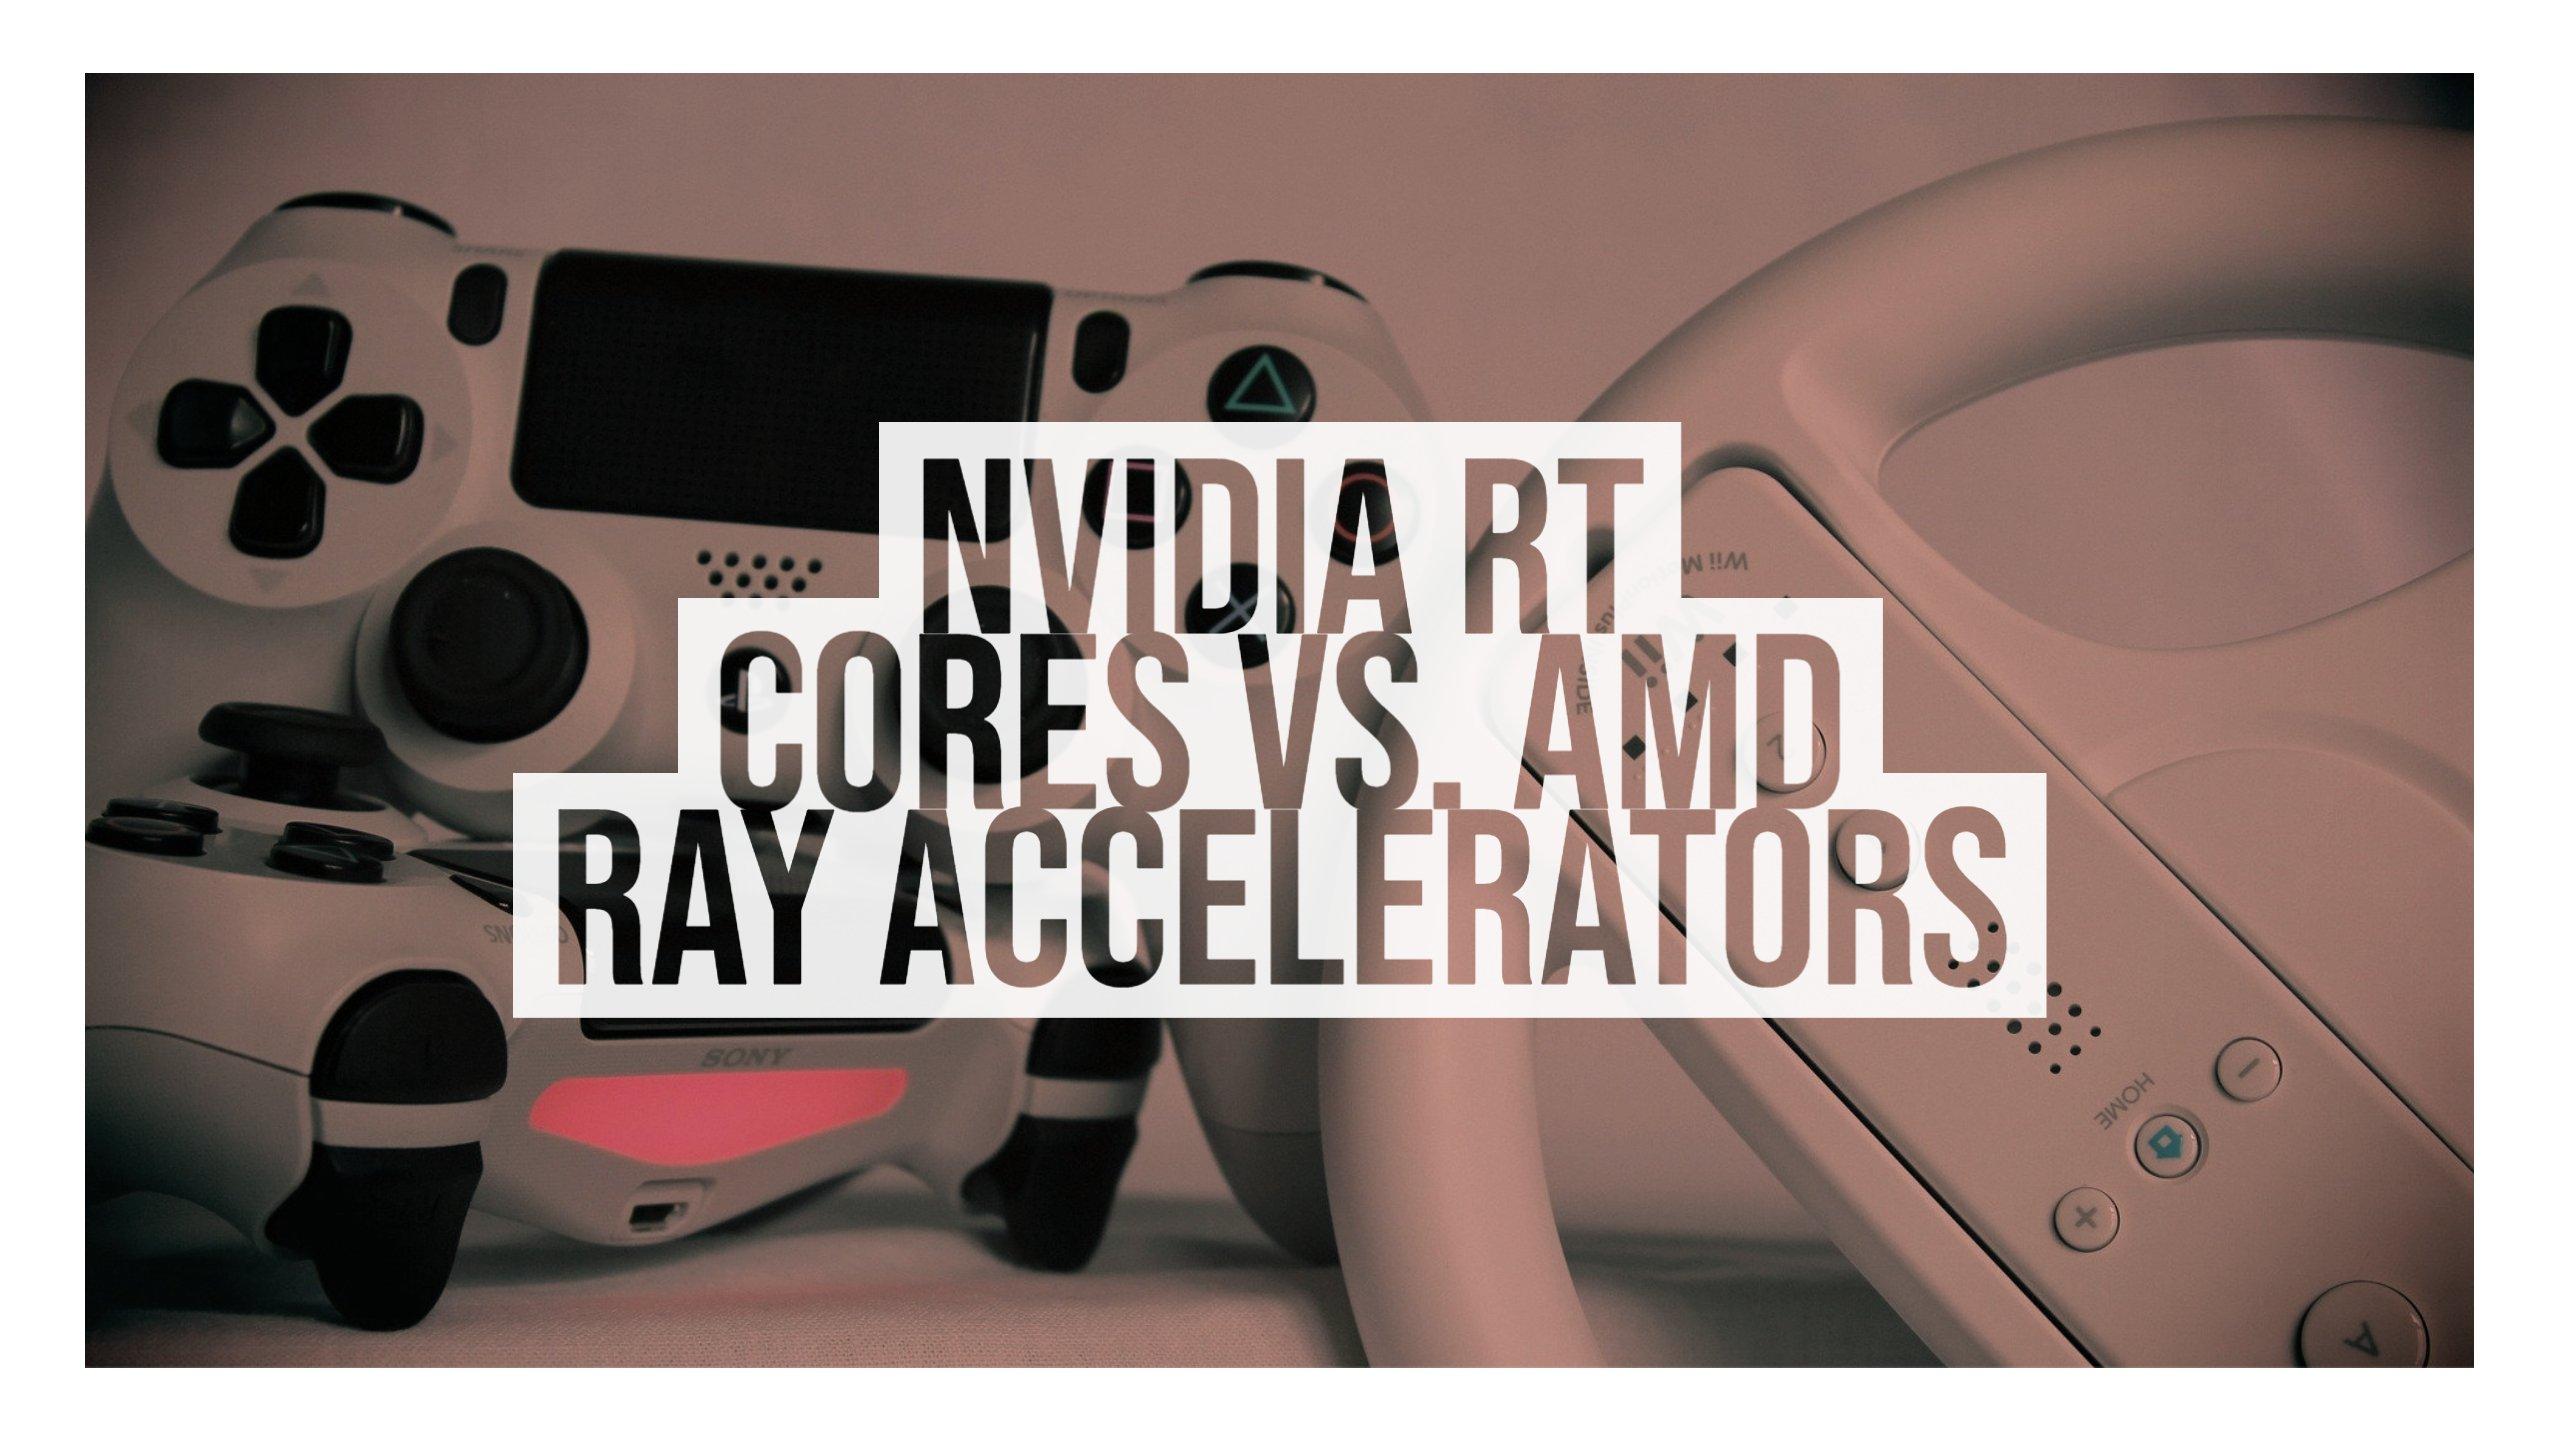 Nvidia RT Cores vs. AMD Ray Accelerators